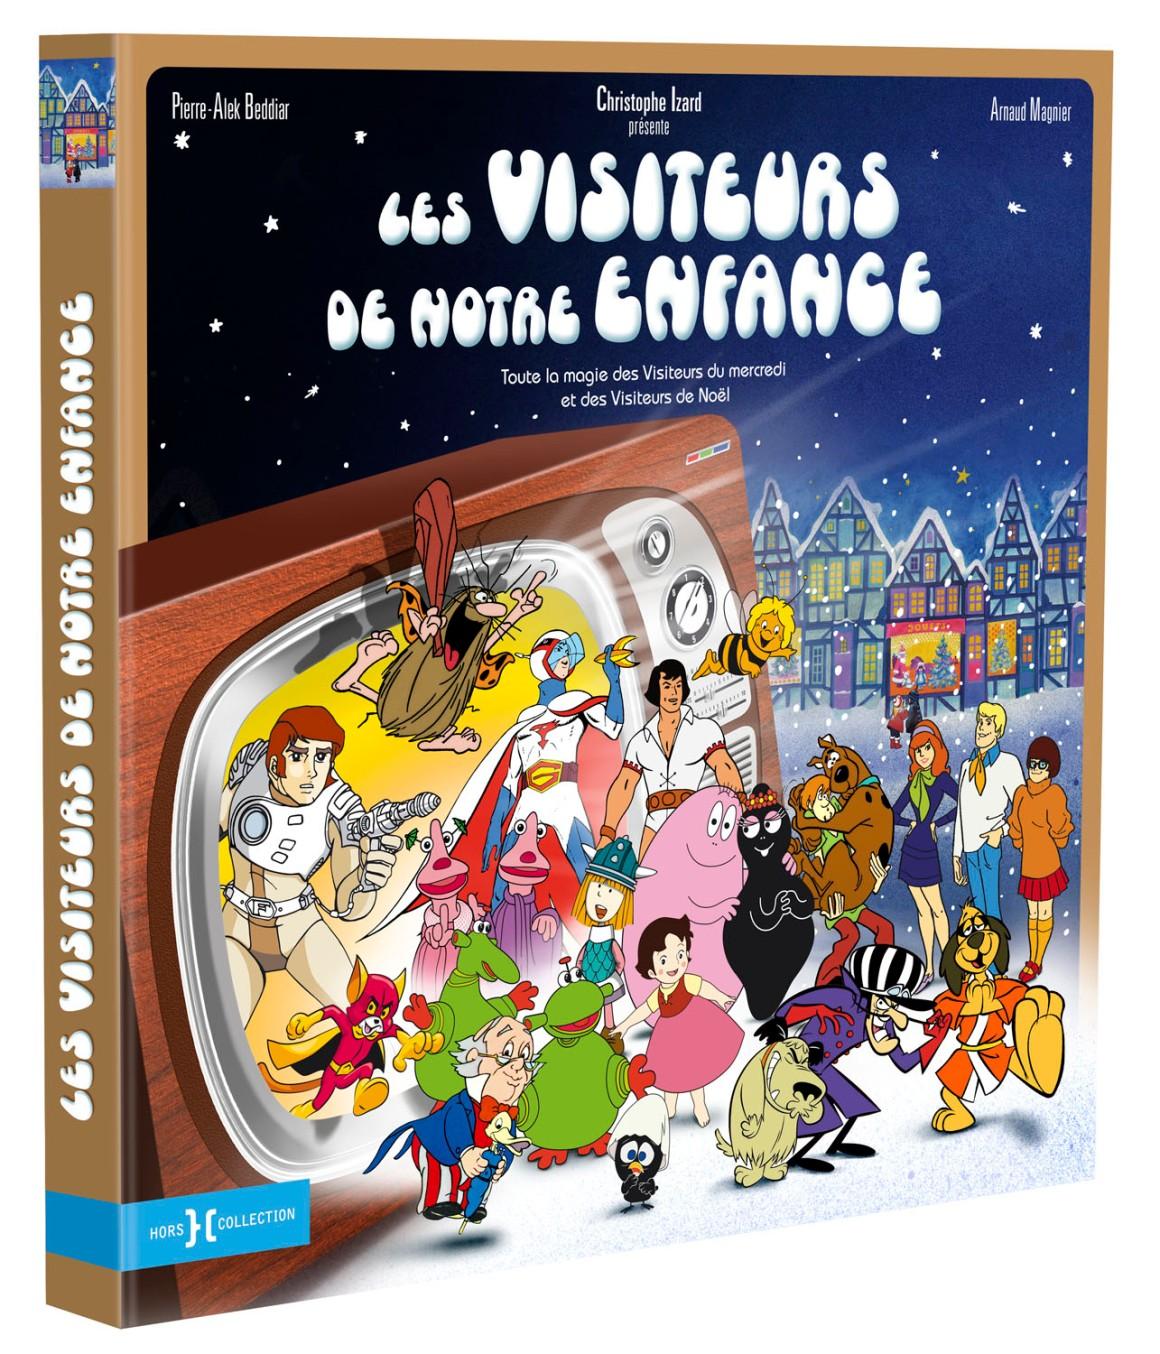 Film Notre enfance à Tbilissi (2013) Streaming VF